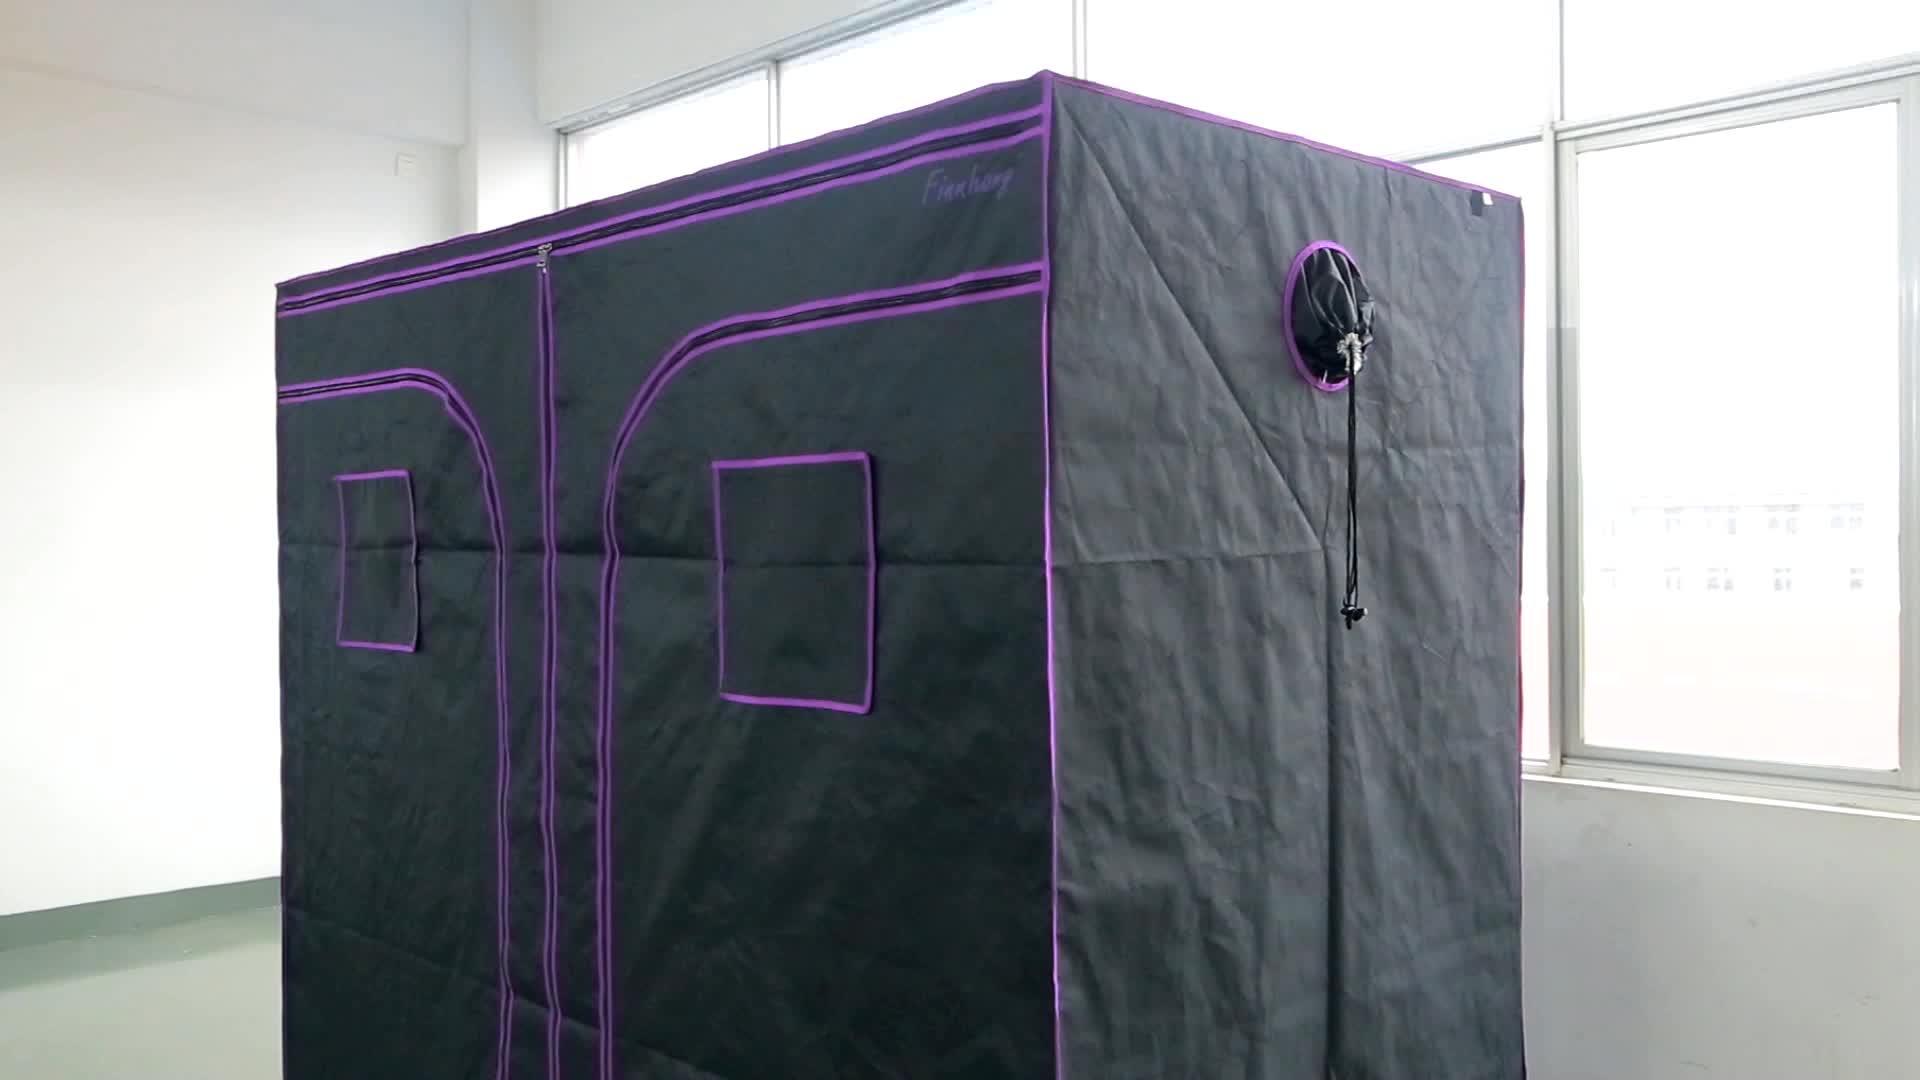 lightproof 300x150x200cm dark room grow tent